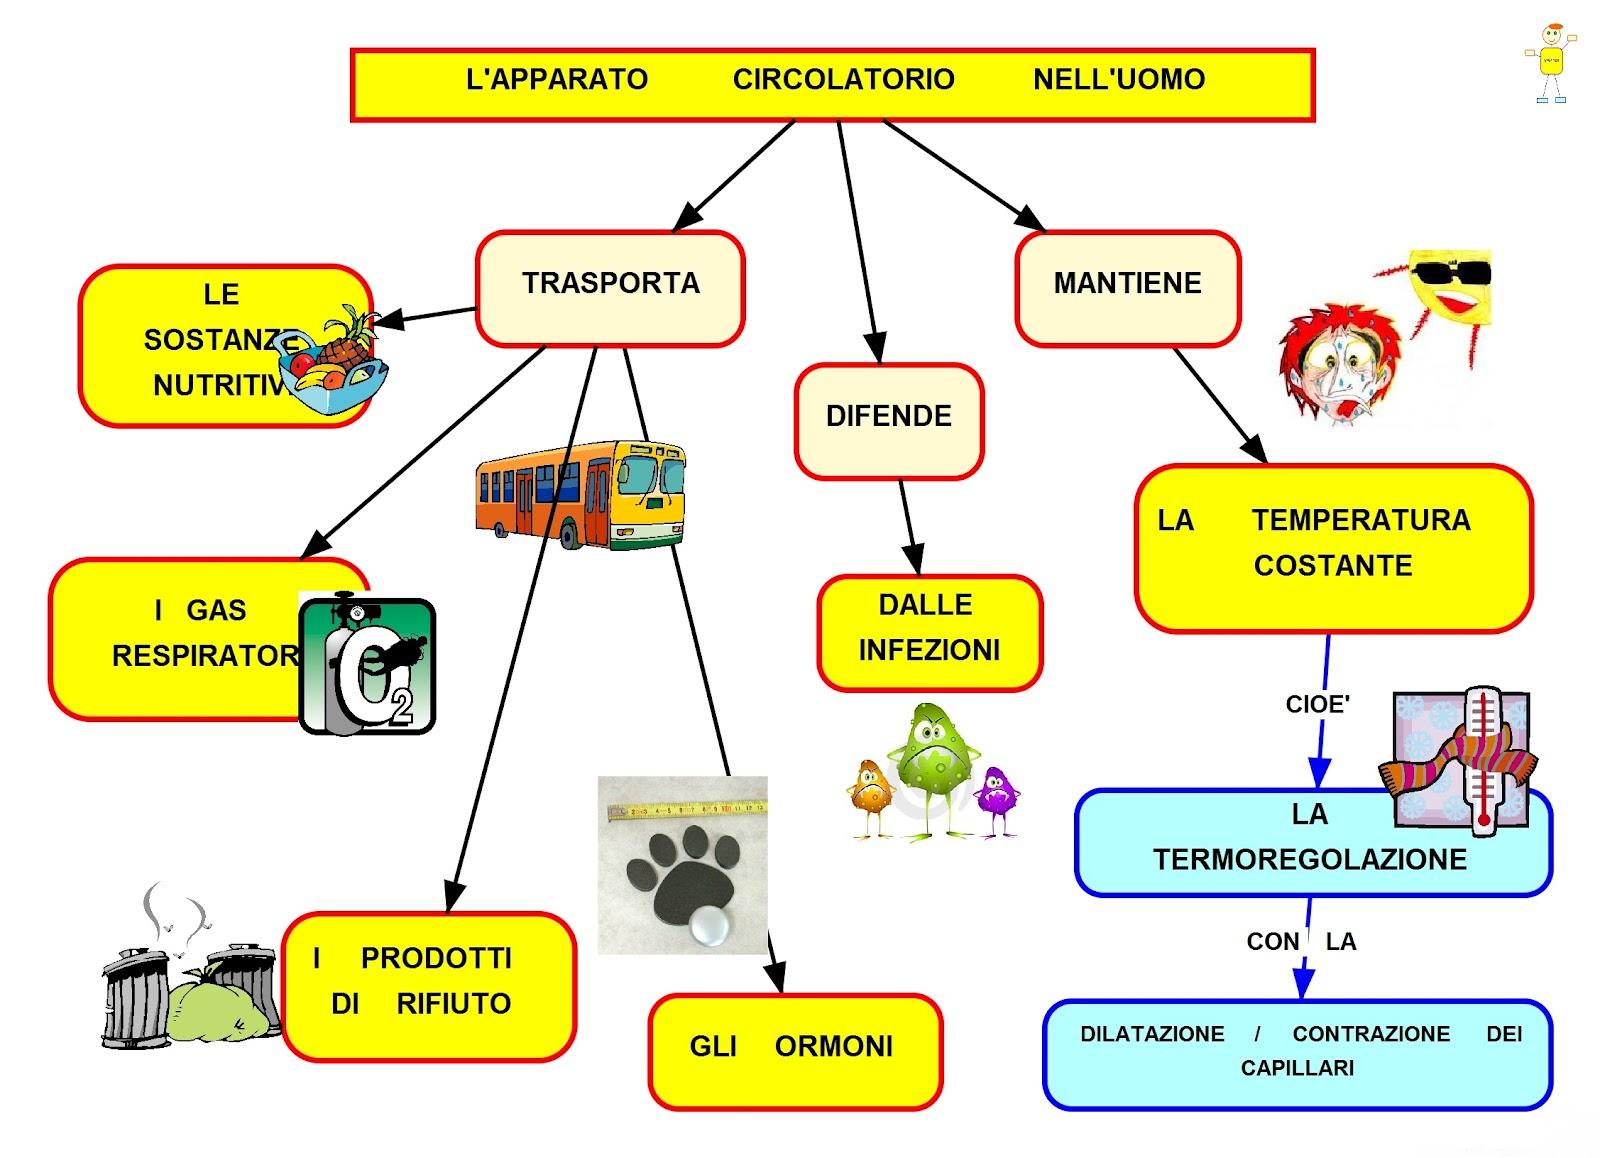 Malattie del sangue e dell'apparato circolatorio